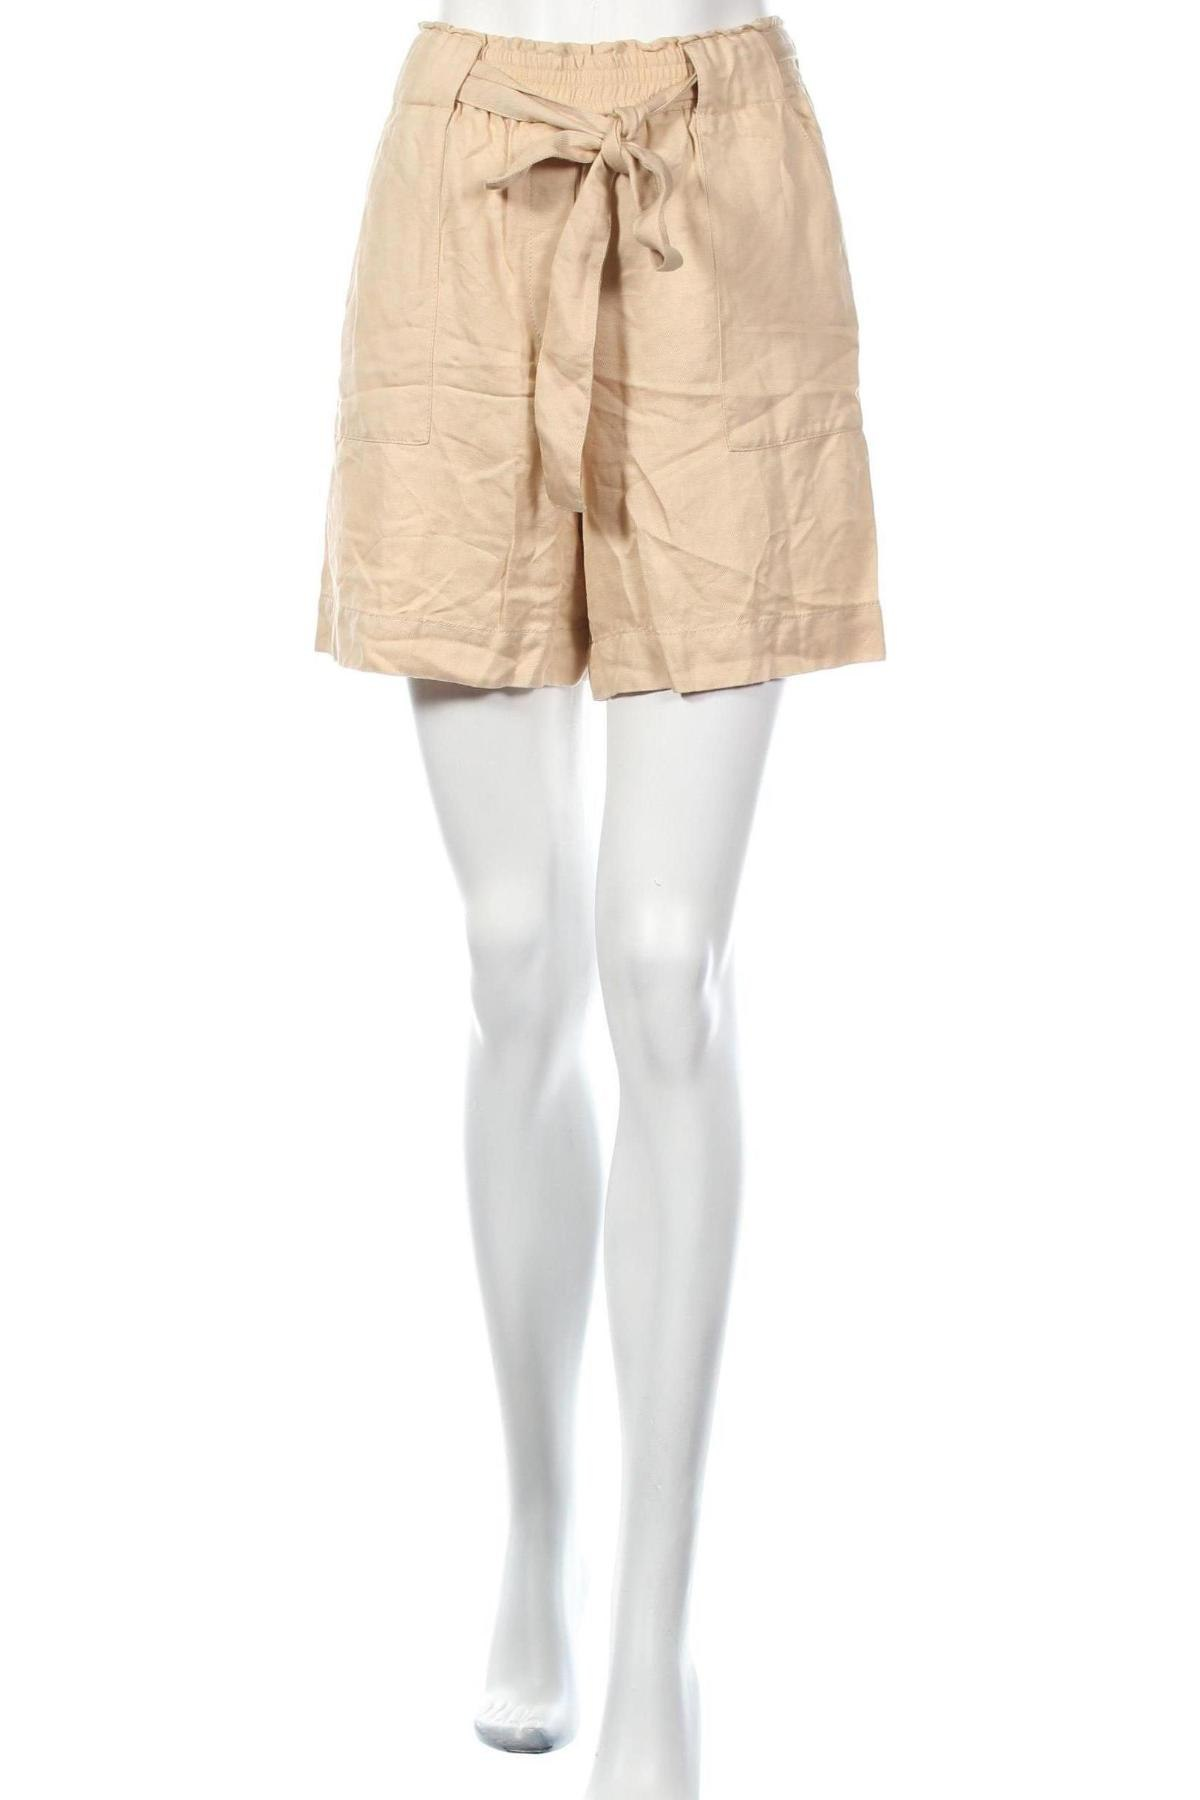 Γυναικείο κοντό παντελόνι Massimo Dutti, Μέγεθος XS, Χρώμα  Μπέζ, 73% lyocell, 27% λινό, Τιμή 20,36€